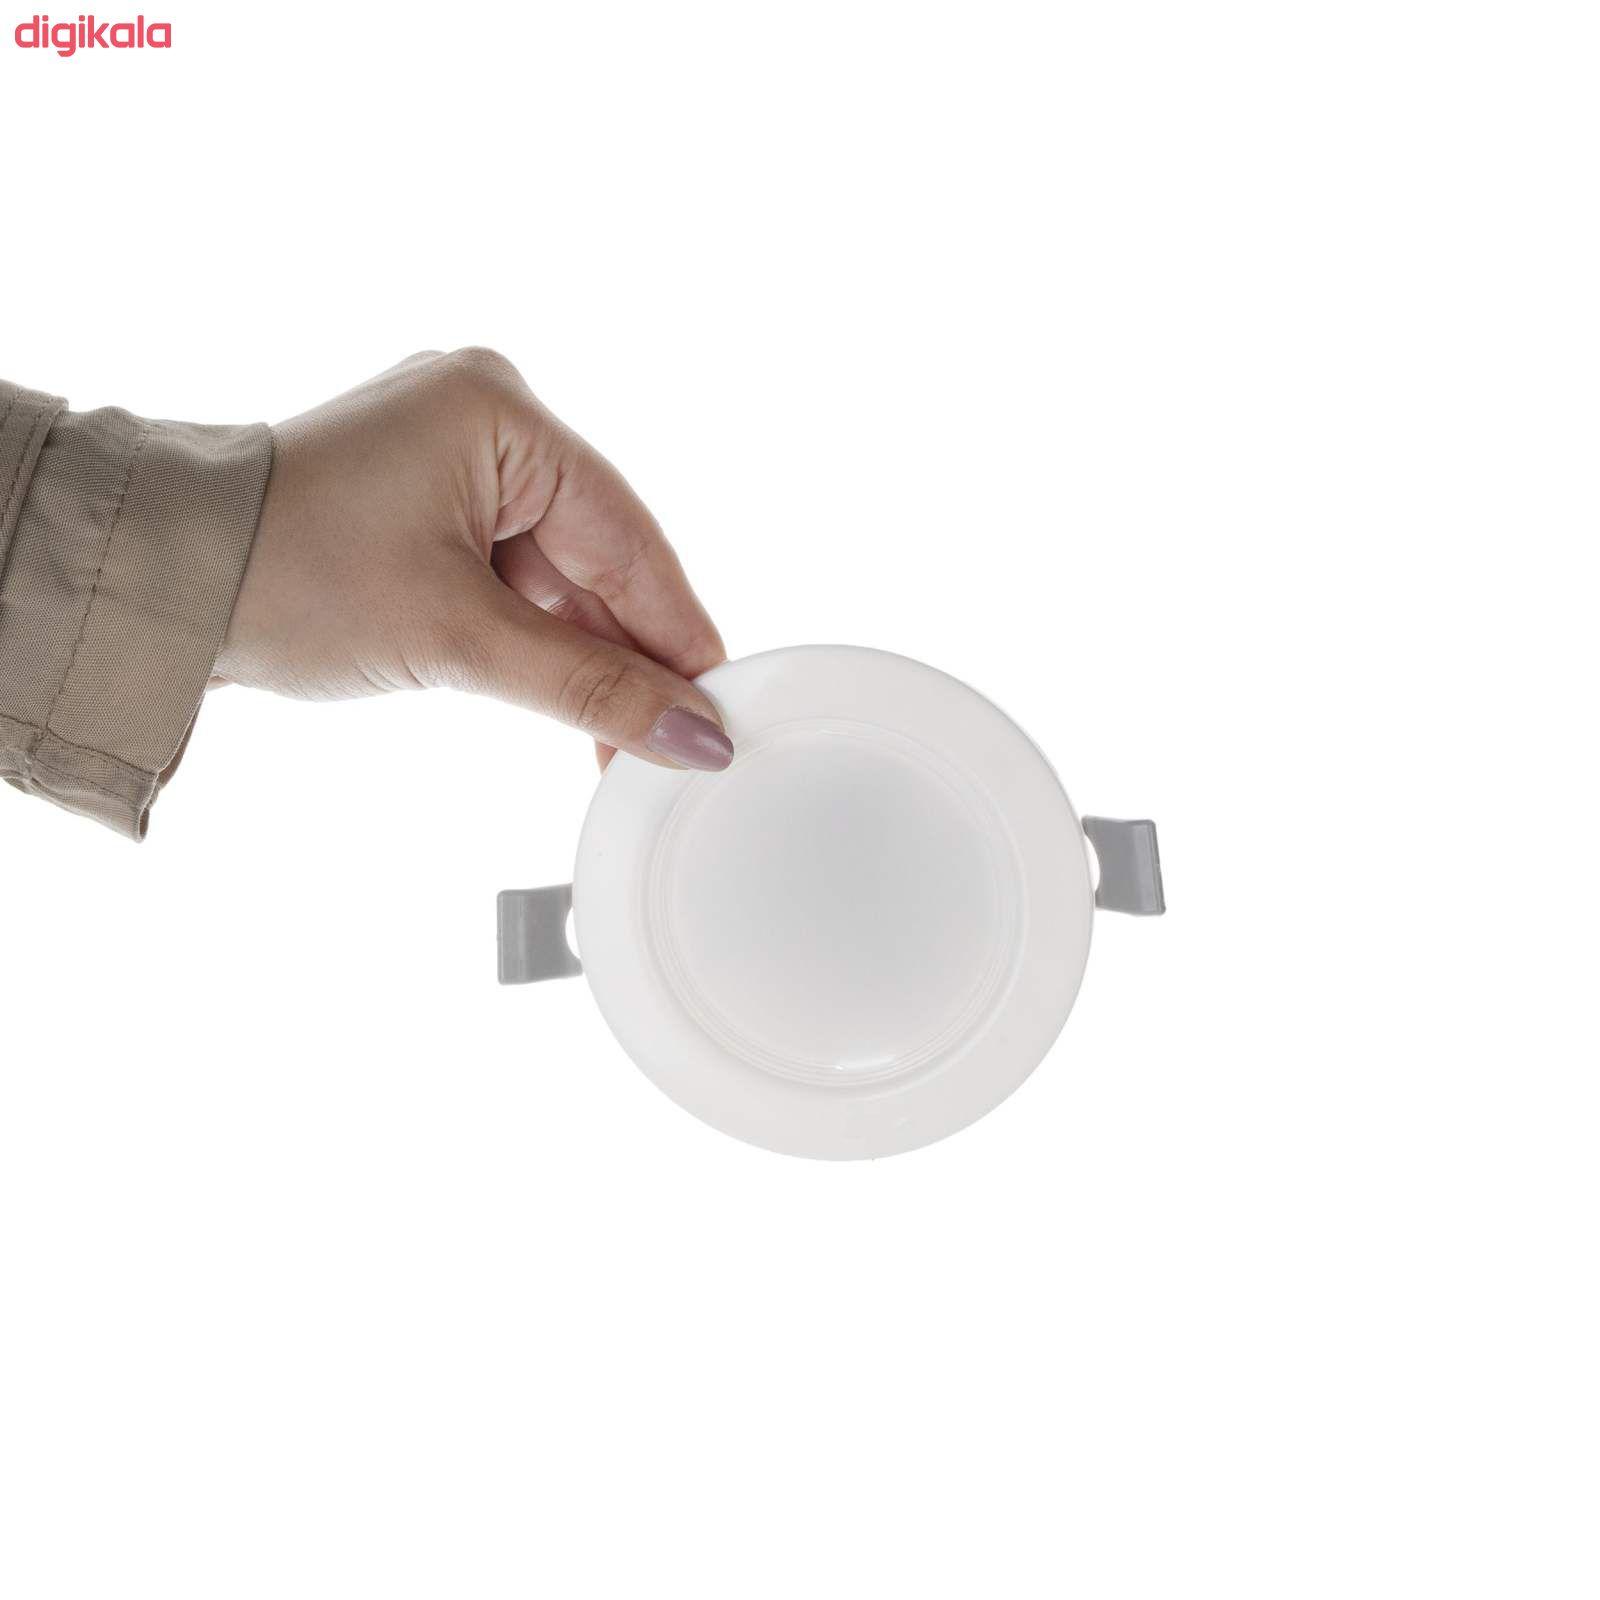 لامپ هالوژن 9 وات رویان نور مدل H104 main 1 4